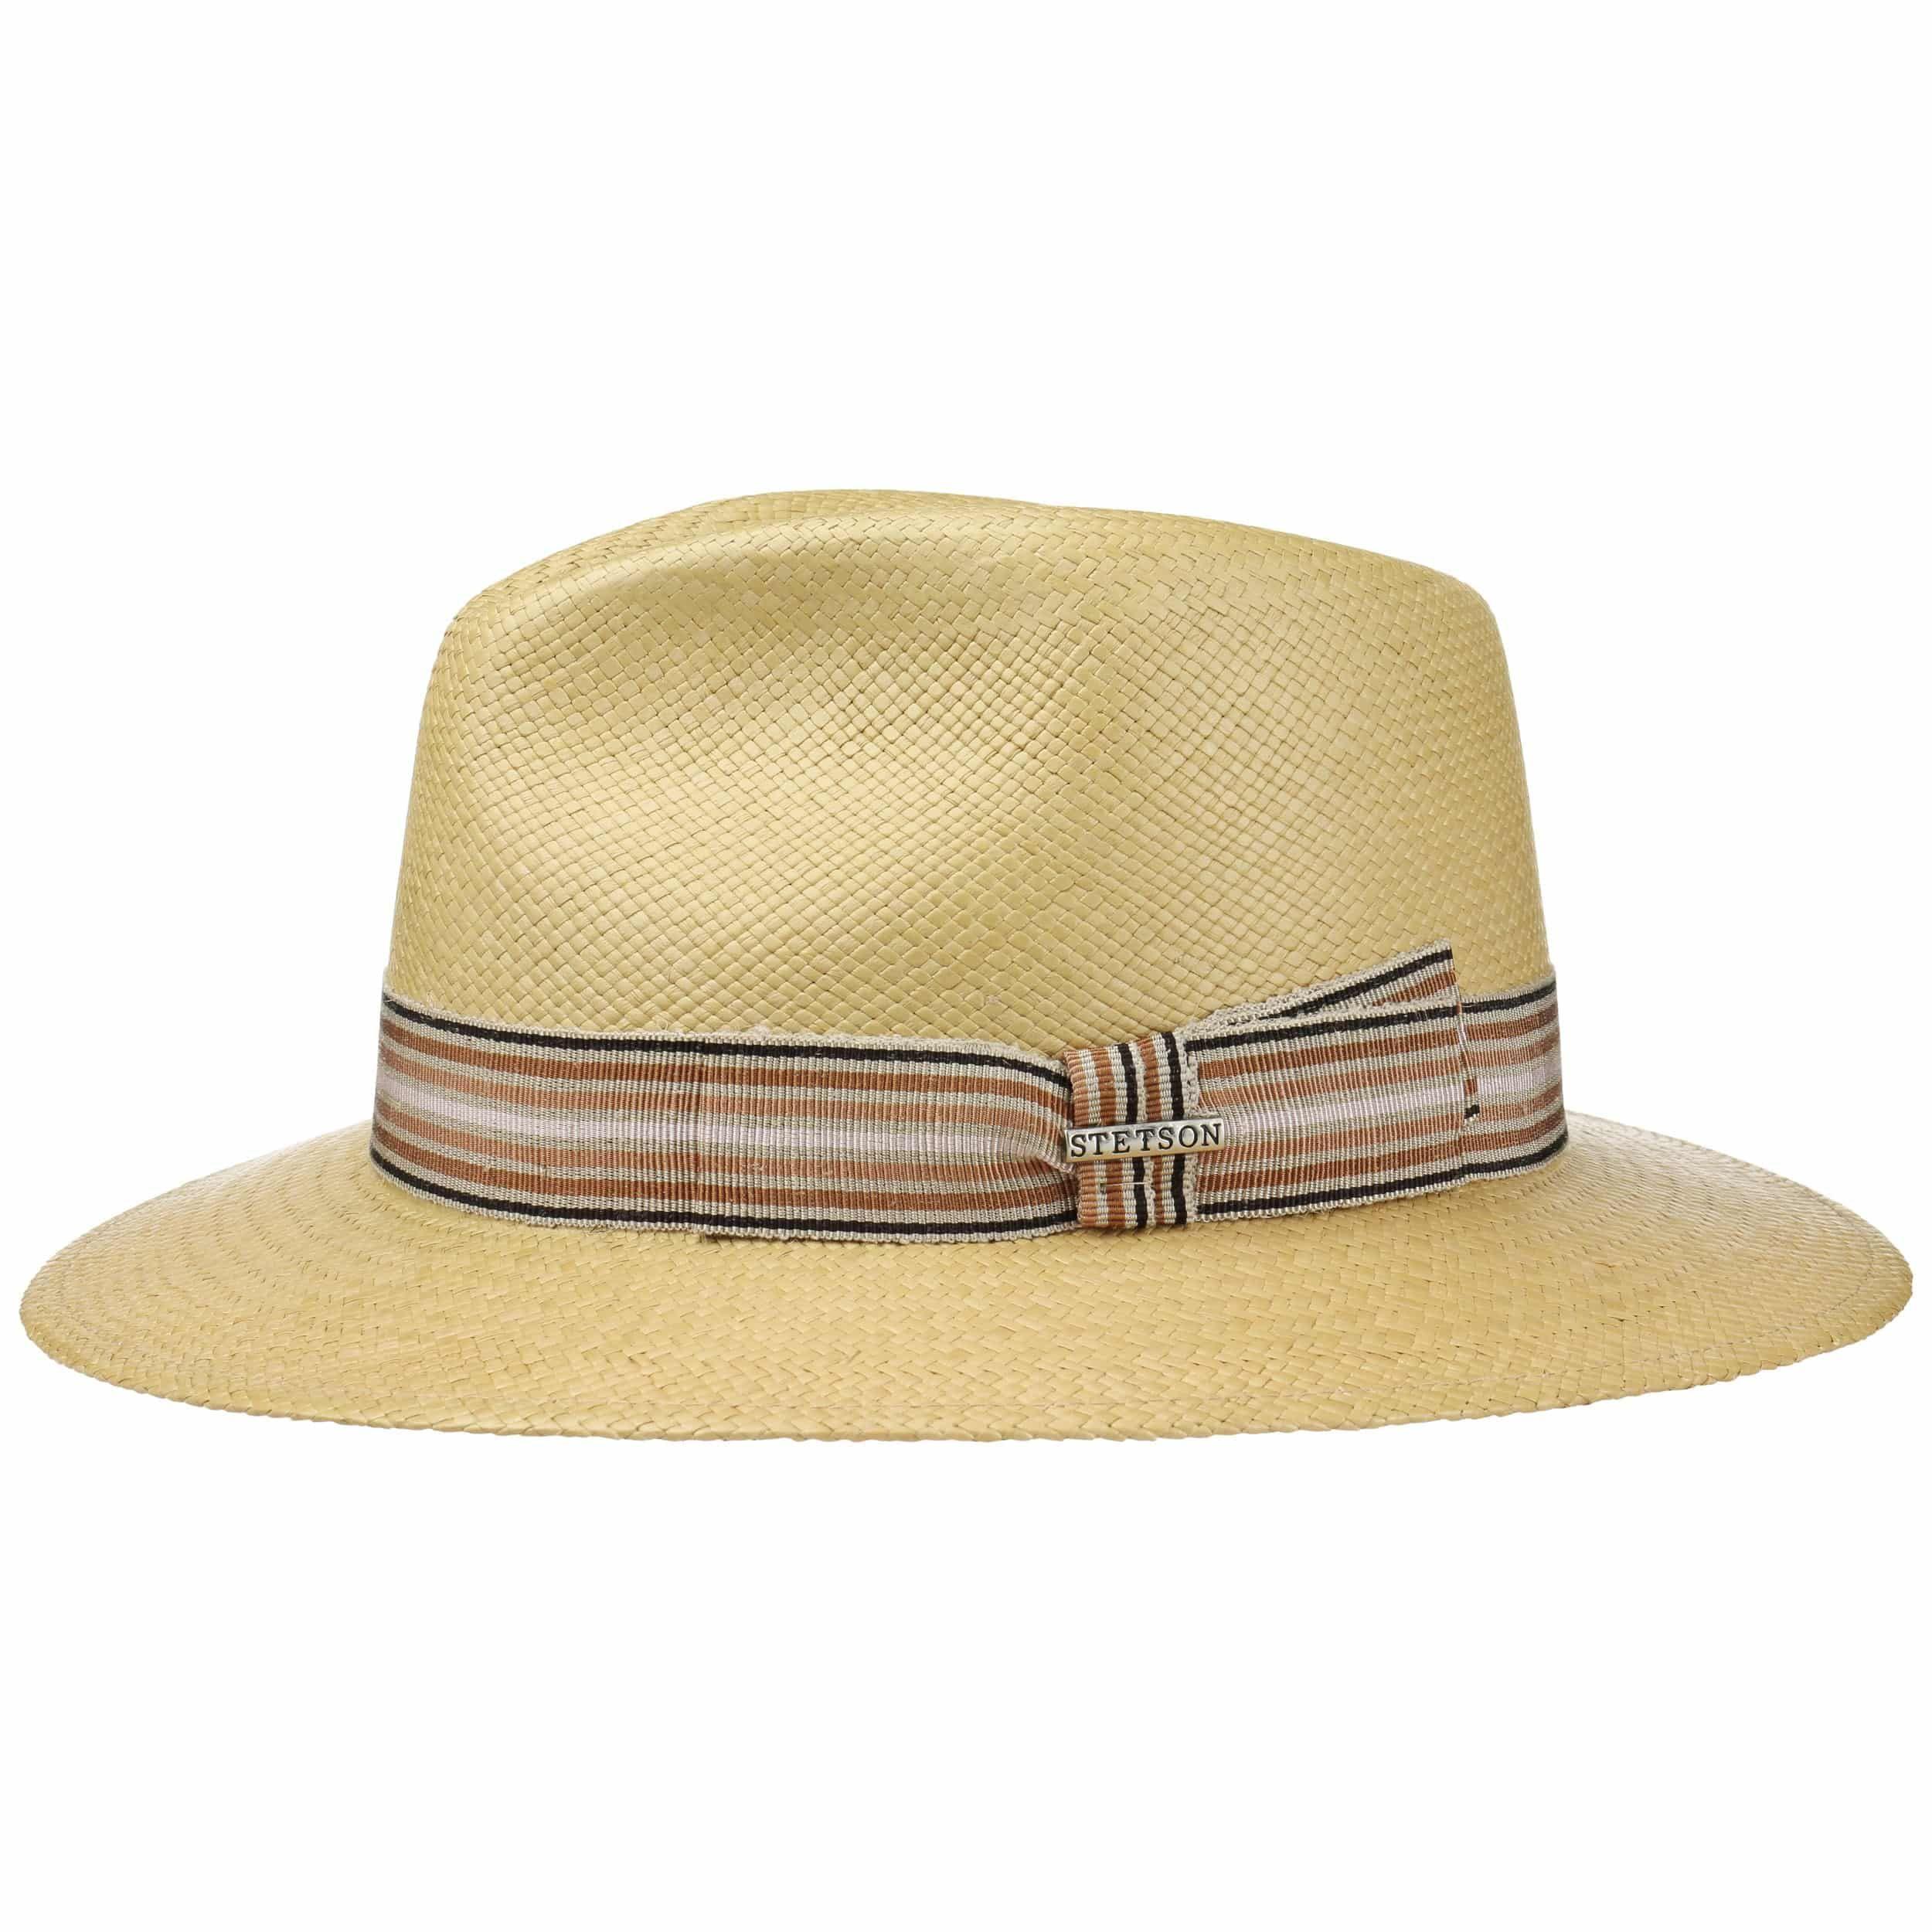 Duran Traveller Panamahut beige